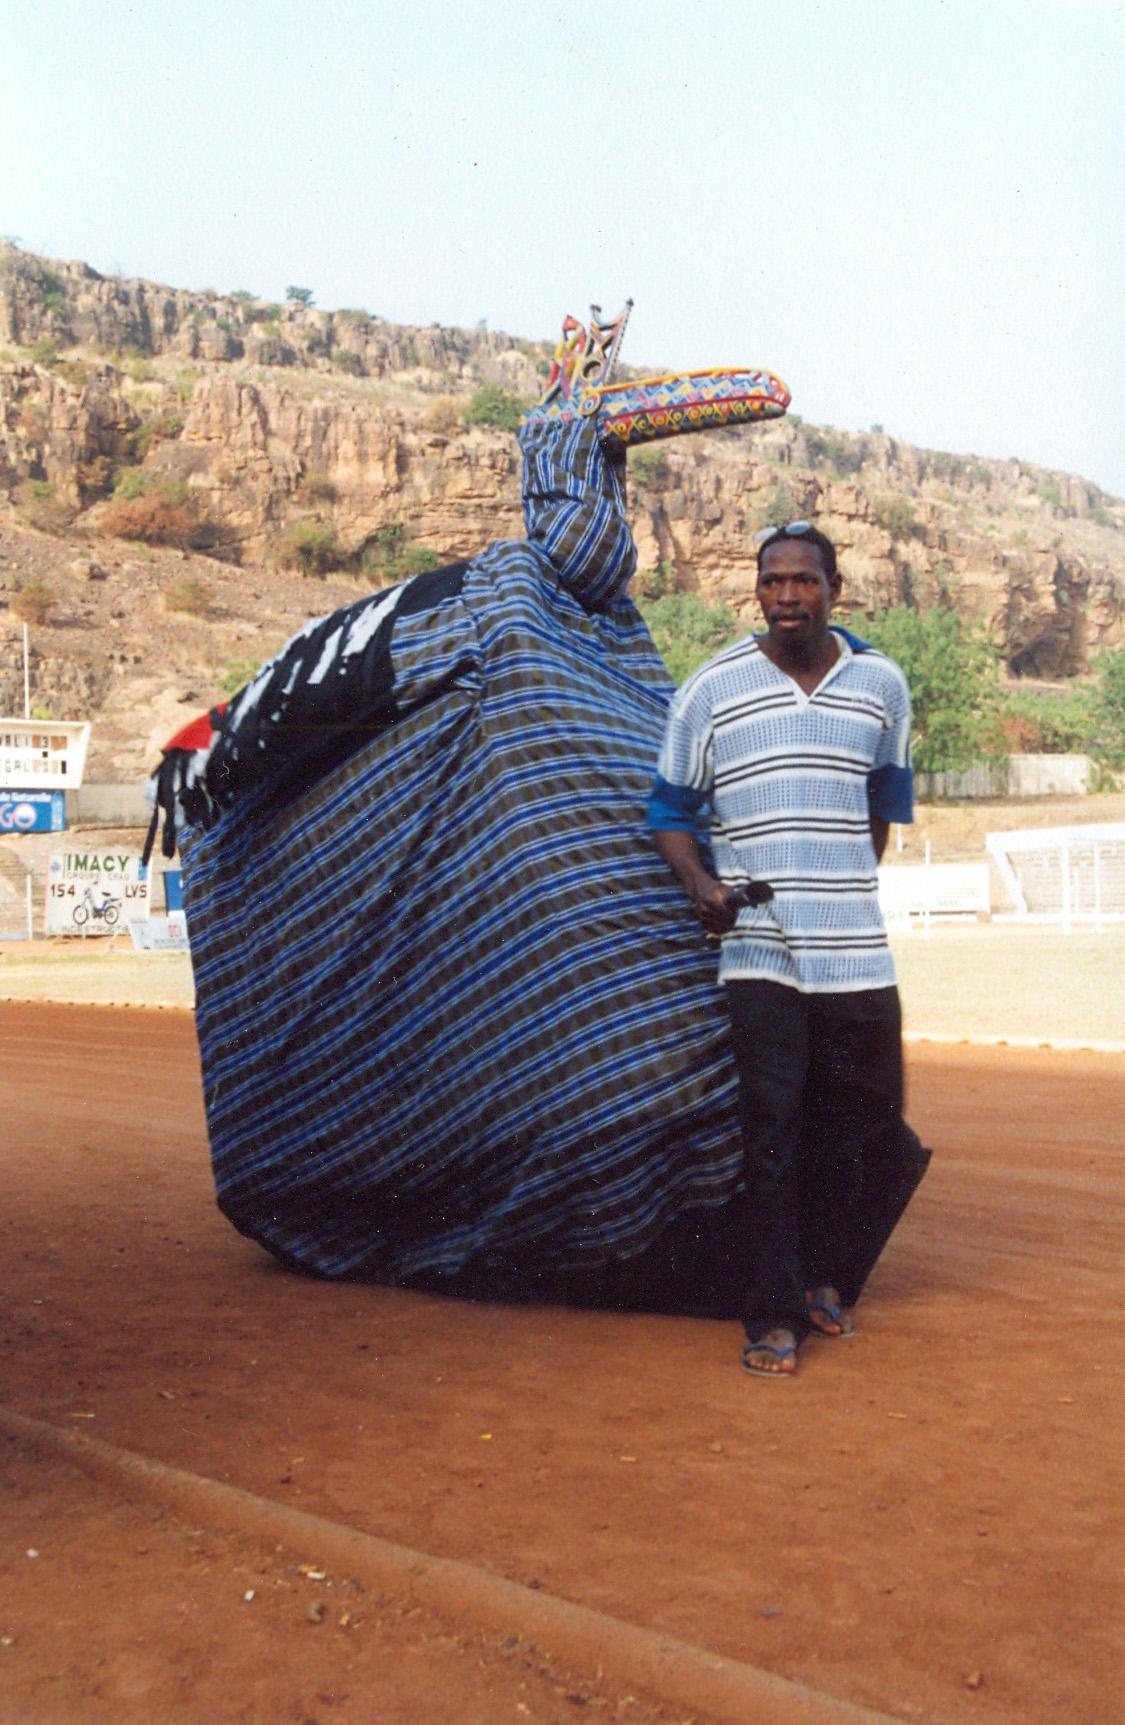 <em>Mali-kònò</em> (Oiseau du Mali, représente <em>banikònò</em> la cigogne), une marionnette habitable, de la classe de marionnettes appelée <em>sogo</em>, Sokonafing, Bamako, Mali. La marionnette symbolise l'indépendance du Mali. Photo: Mamadou Samaké